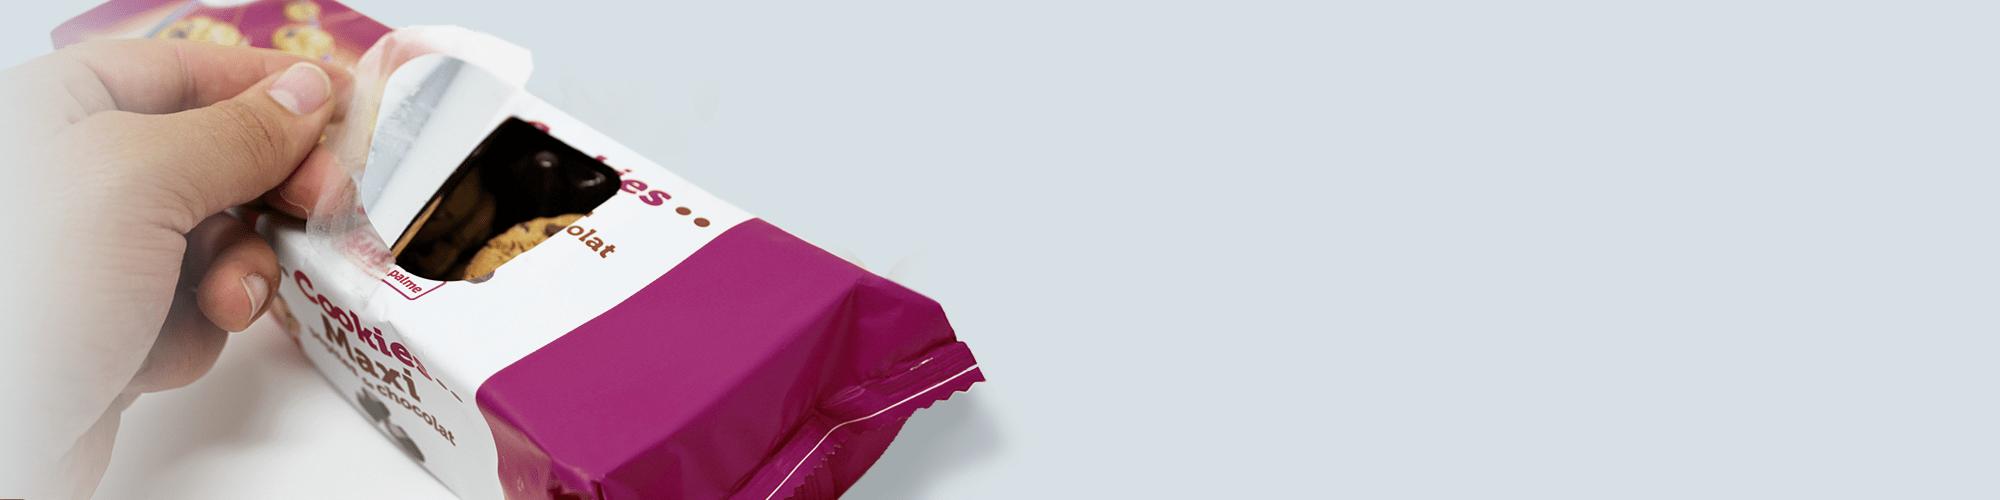 Etik Ouest packaging concepteur et fabricant d'étiquettes pour tous secteurs d'activité